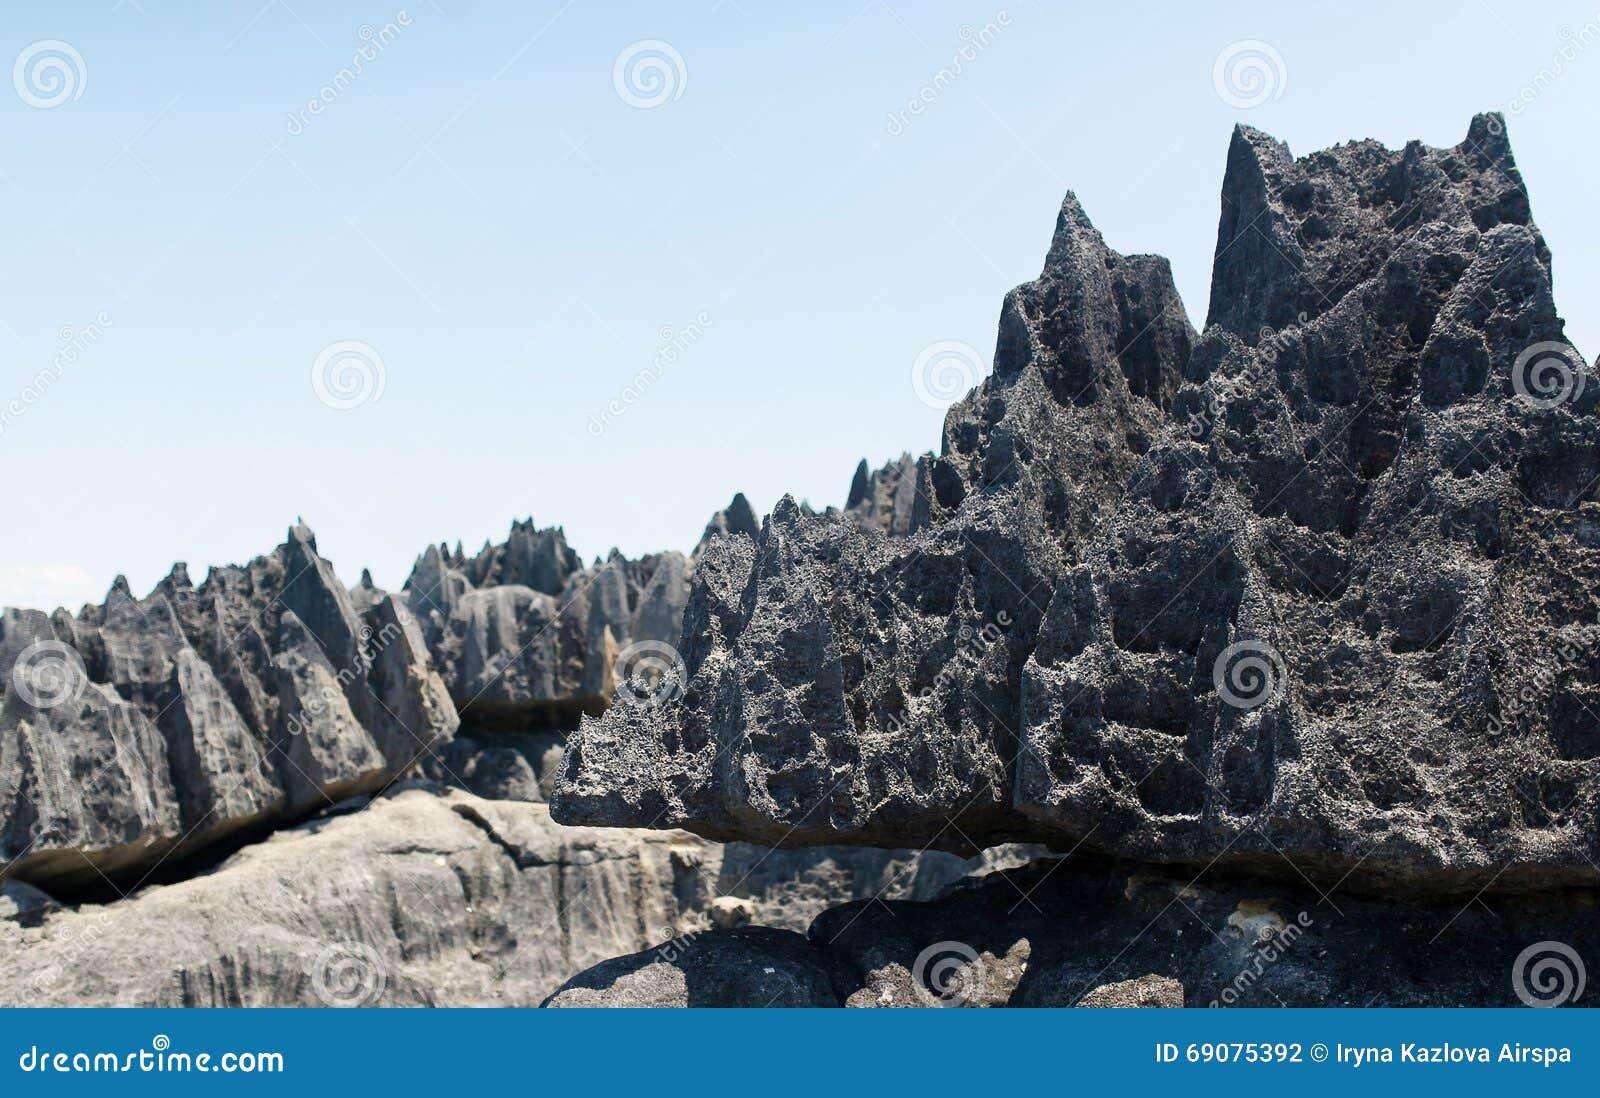 Tsingy de Bemaraha Reserve